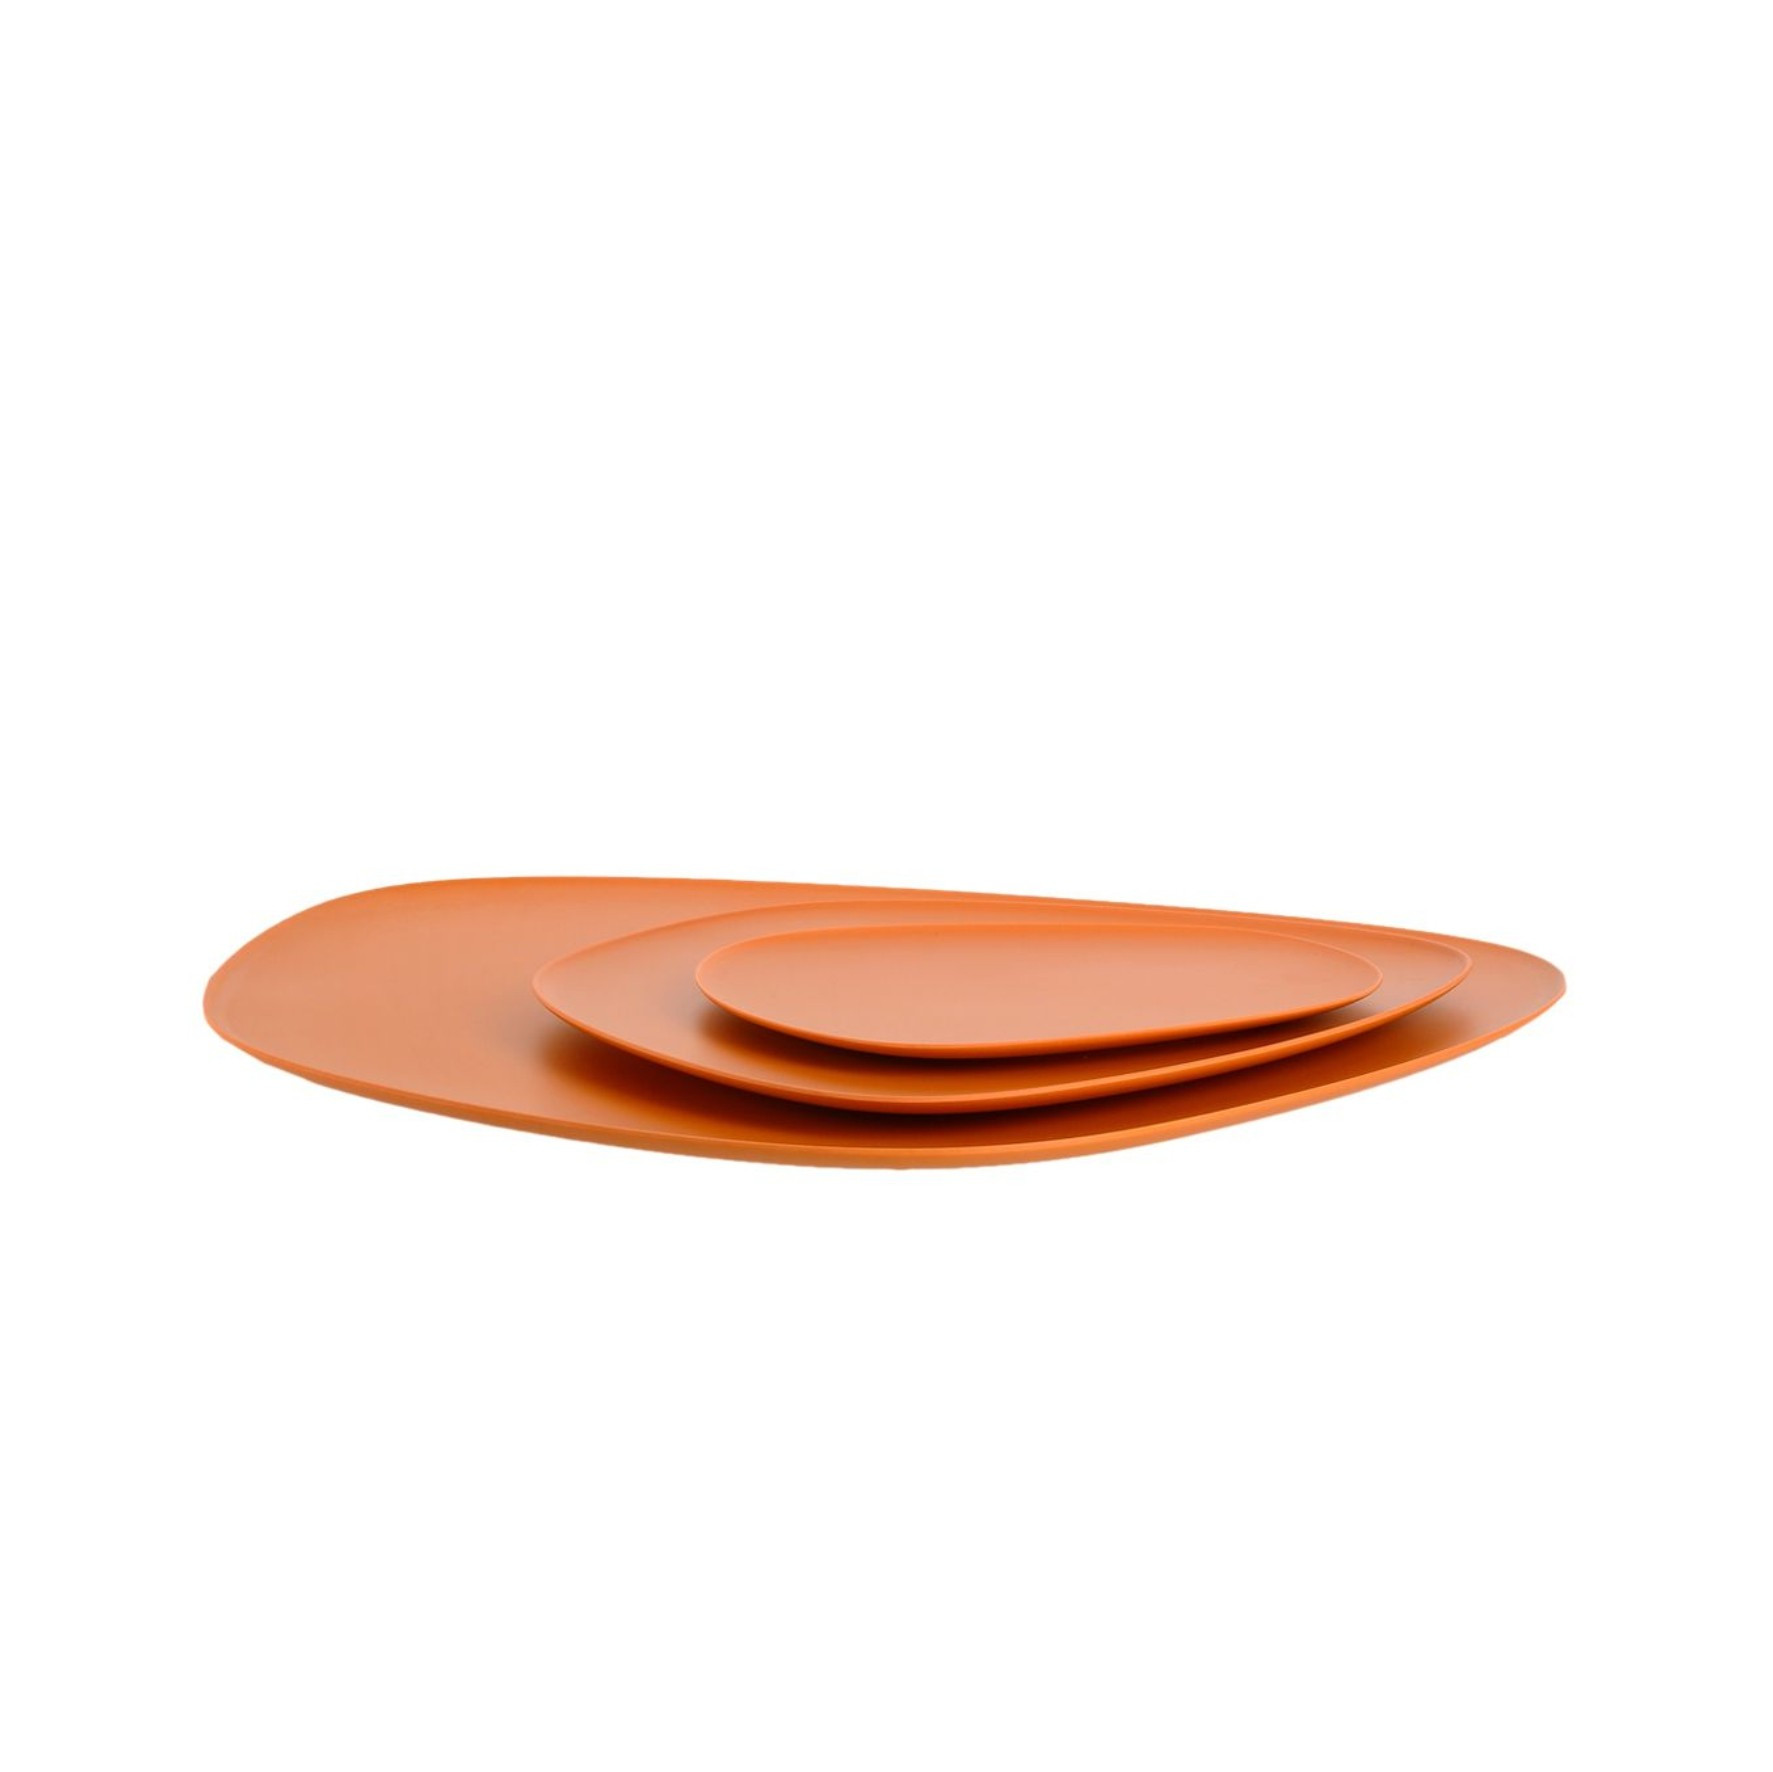 21 Fashionable Kartell Shibuya Vase 2021 free download kartell shibuya vase of namaste tray plate kartell regarding cado modern furniture kartell namaste tray plate